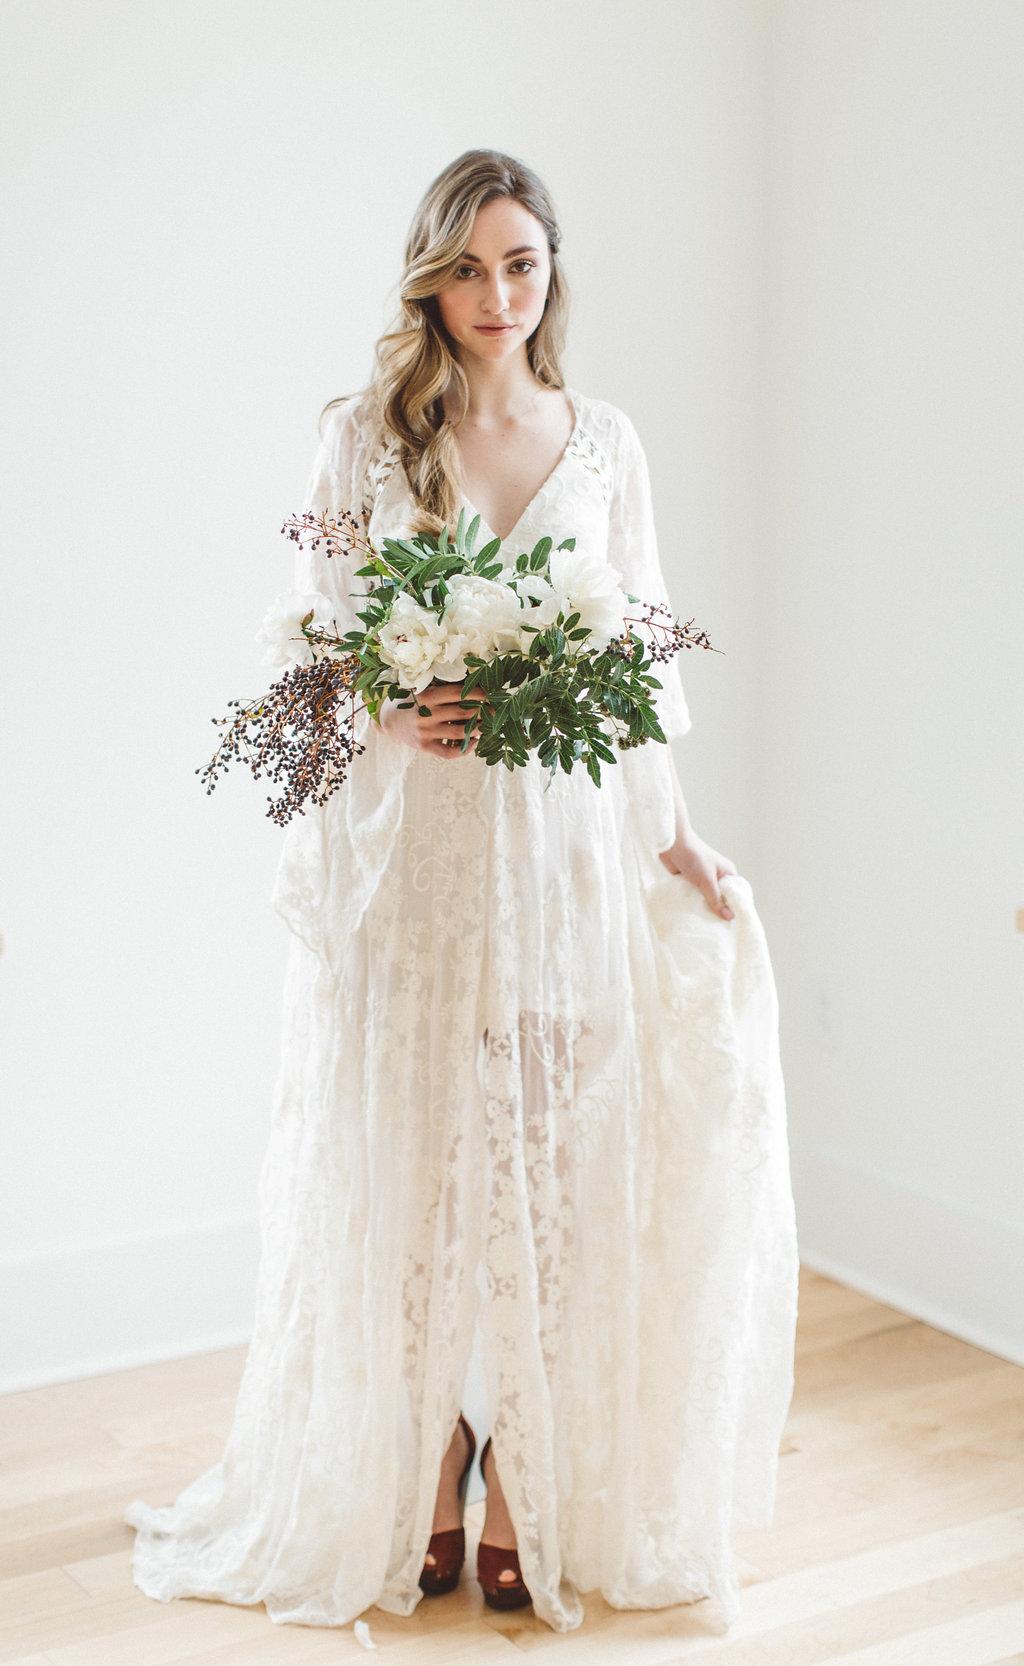 Everthine-Bridal-Ashley-Largesse-109.jpg